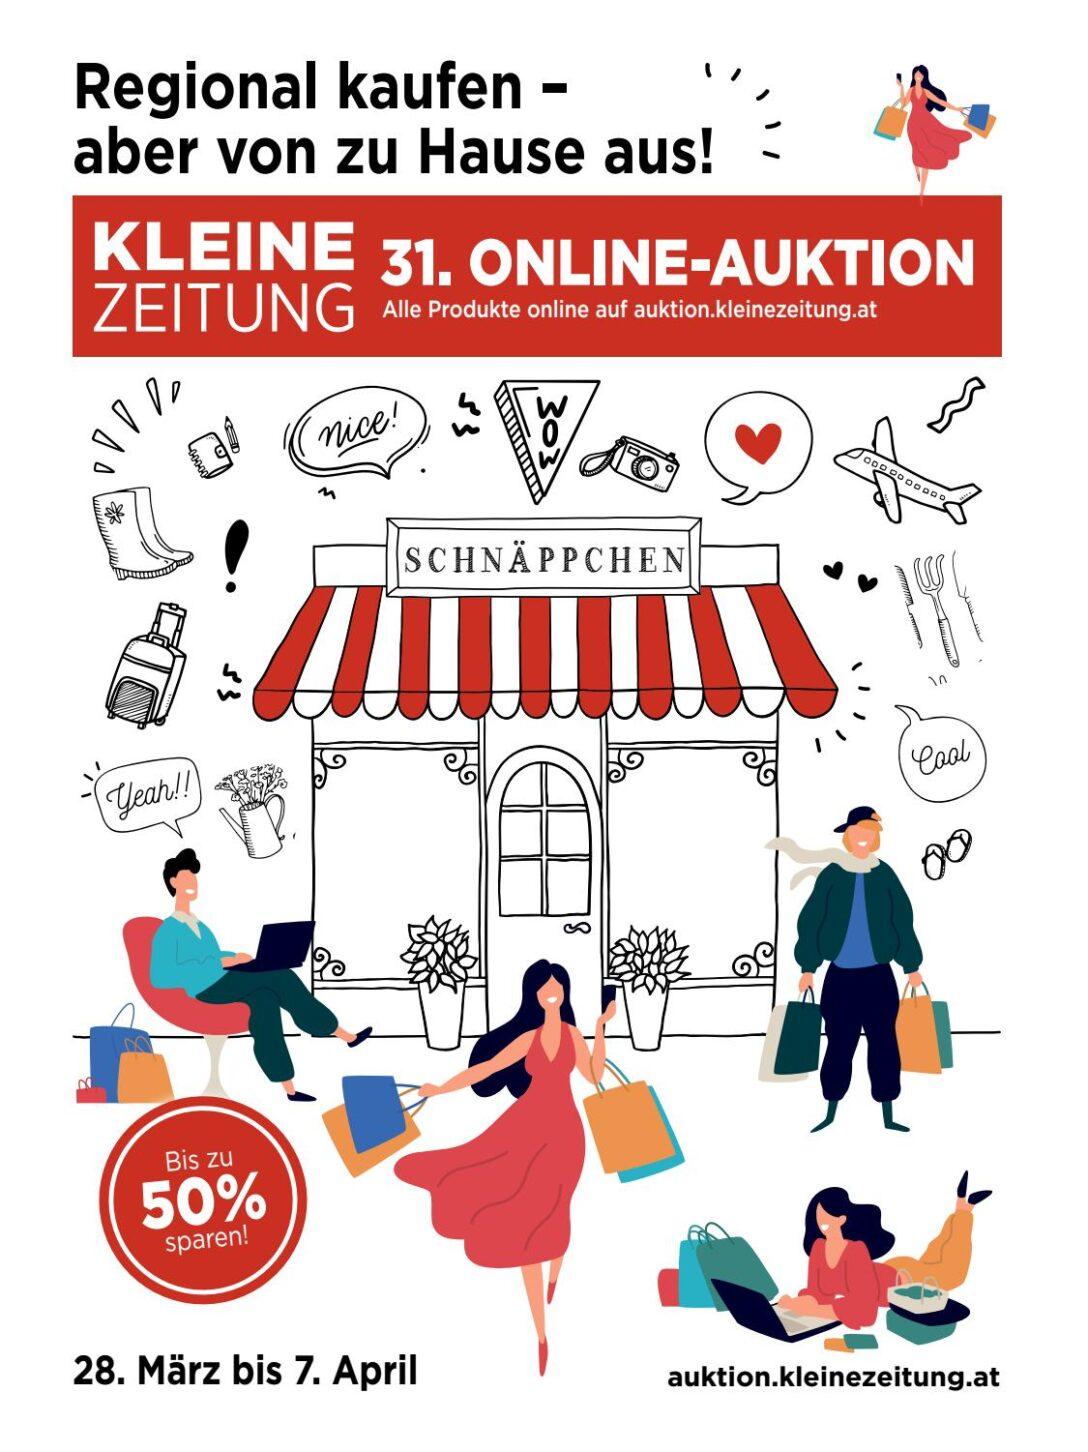 Large Size of Paul Potato Kartoffelturm Erfahrungen 31 Online Auktion By Kleinezeitung Wohnzimmer Paul Potato Kartoffelturm Erfahrungen